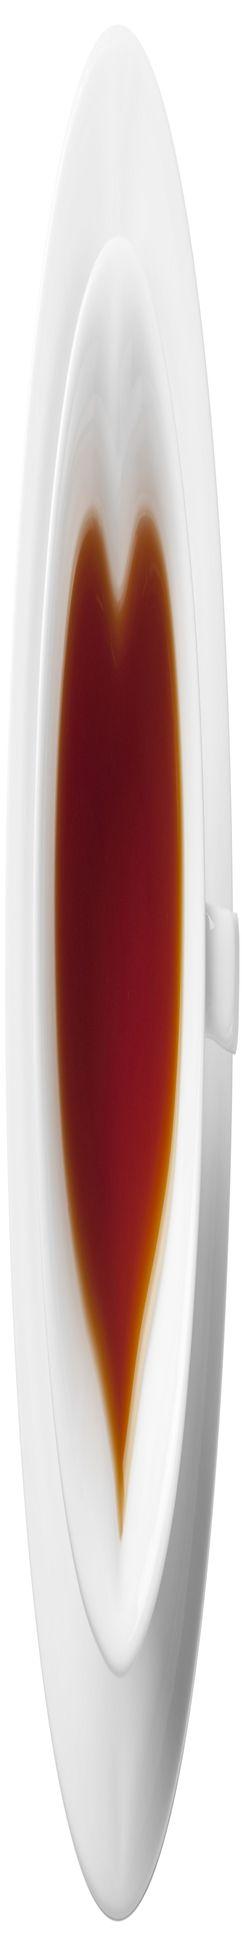 Набор для чая или кофе «Сердце» на 2 персоны фото